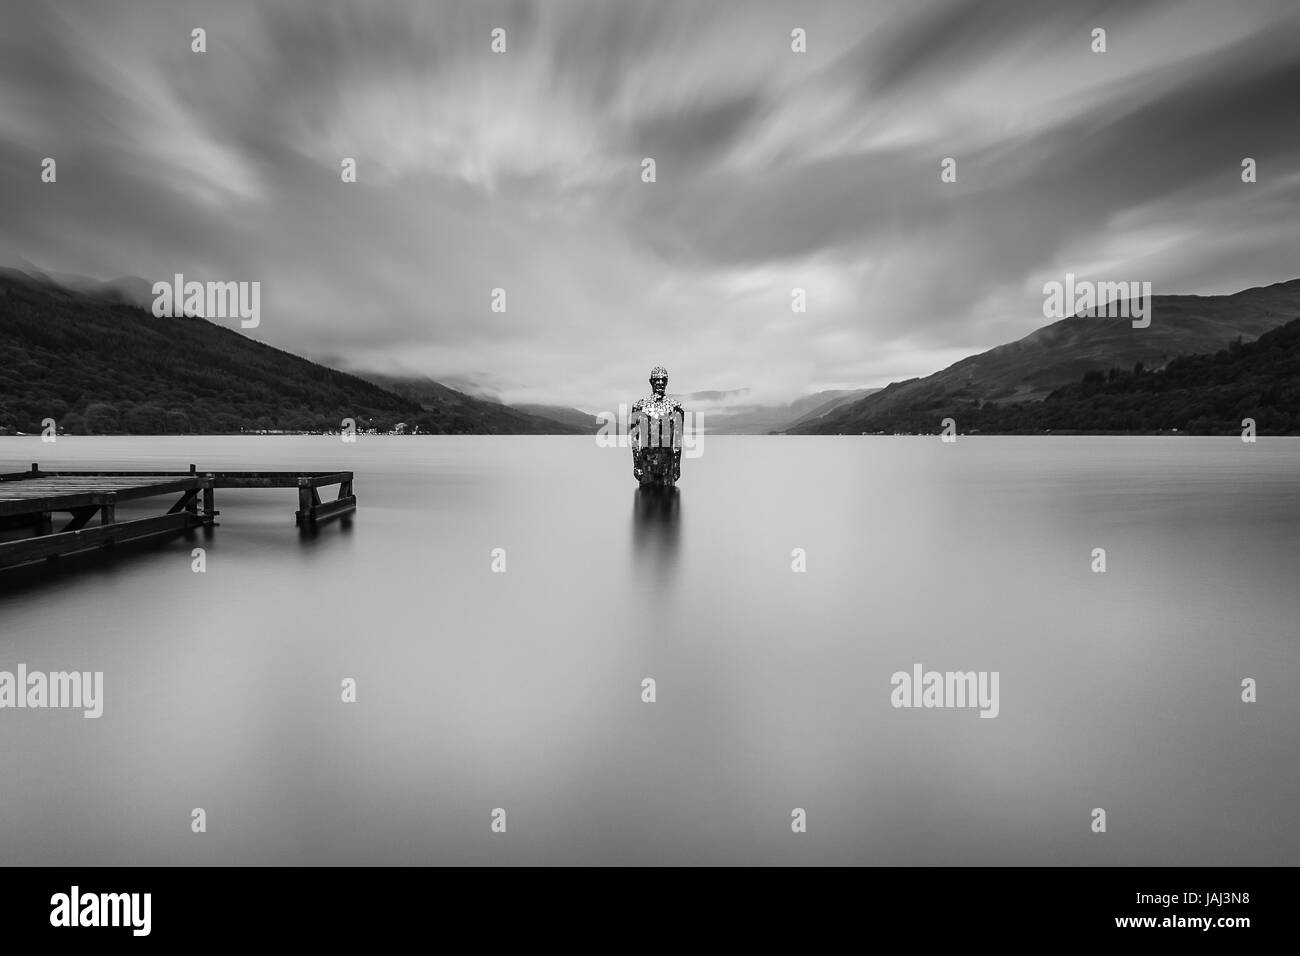 Mirror Man Loch Earn - Stock Image